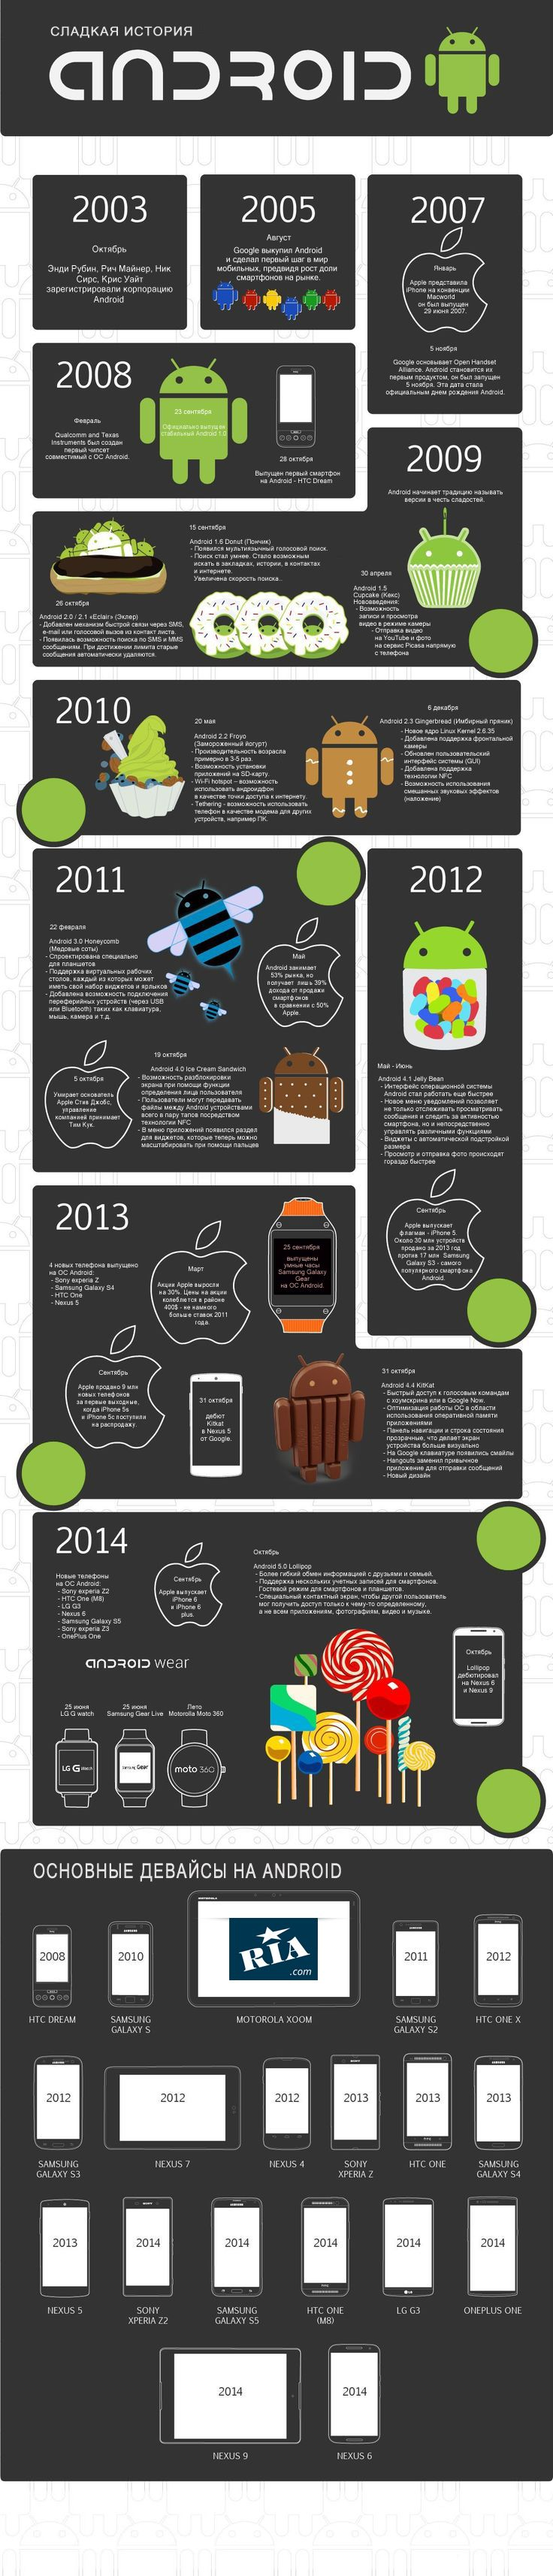 сладкая история Android